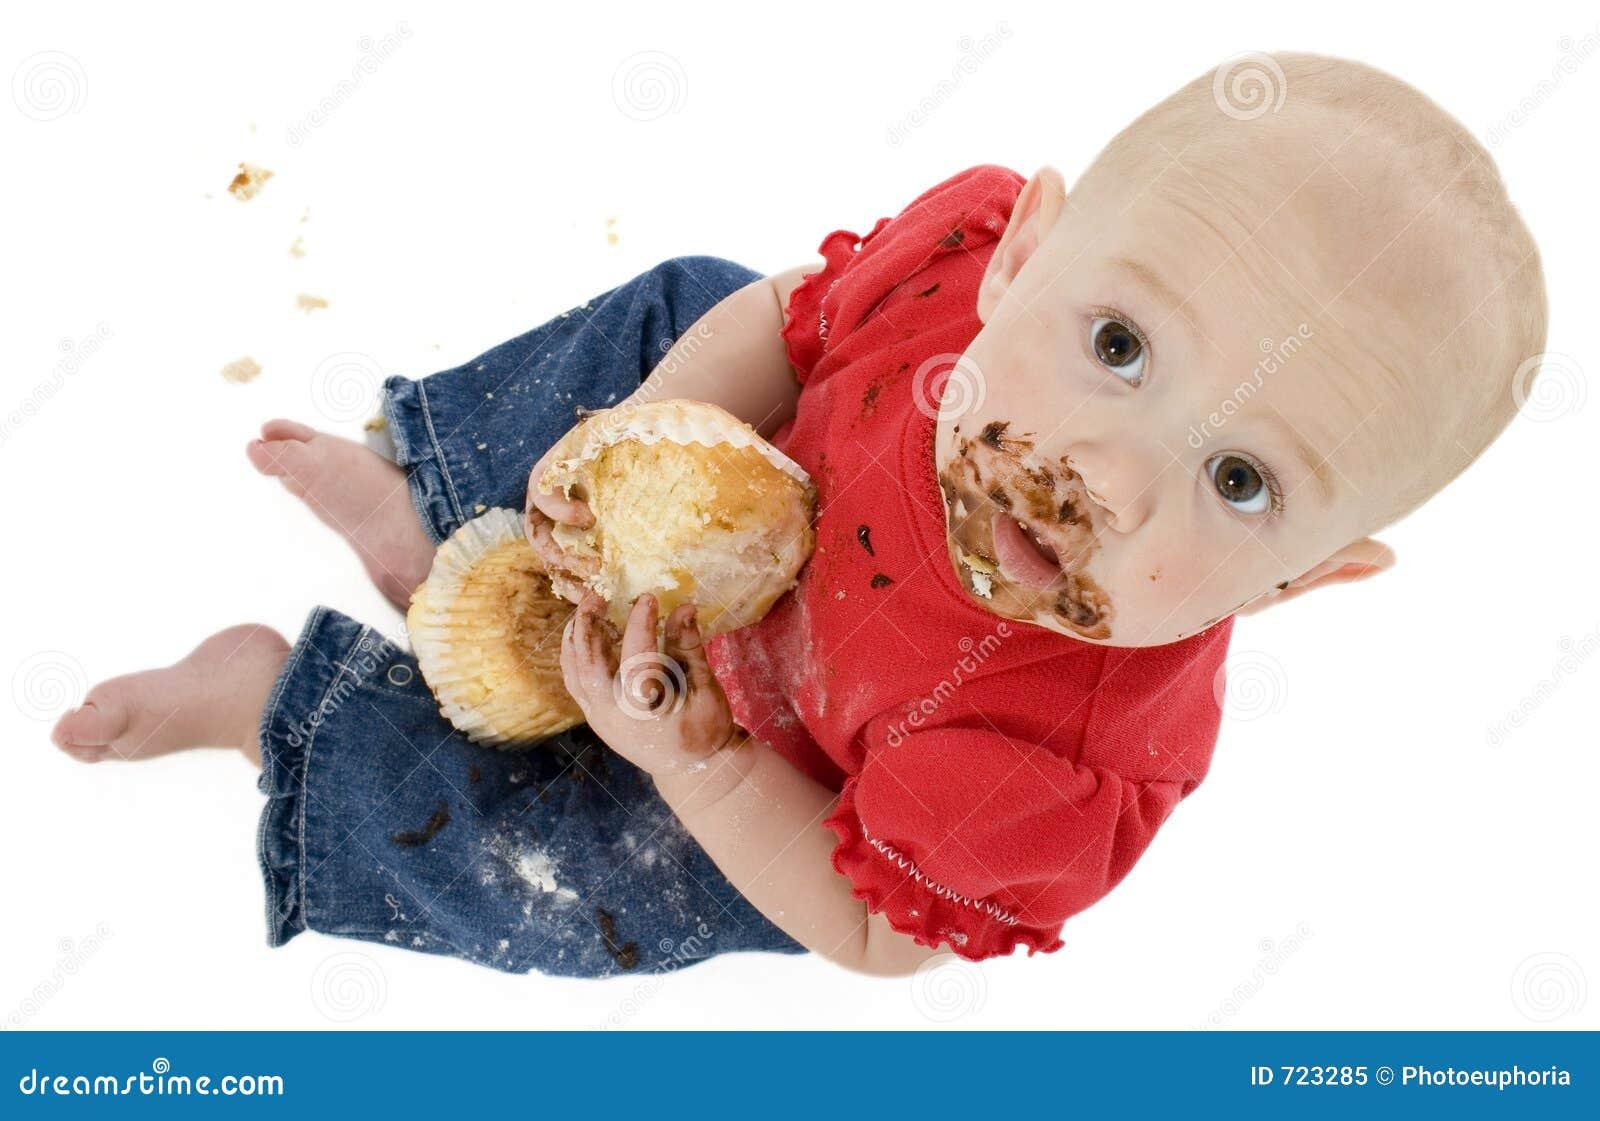 Baby Eating Cake Royalty Free Stock Photo - Image: 723285